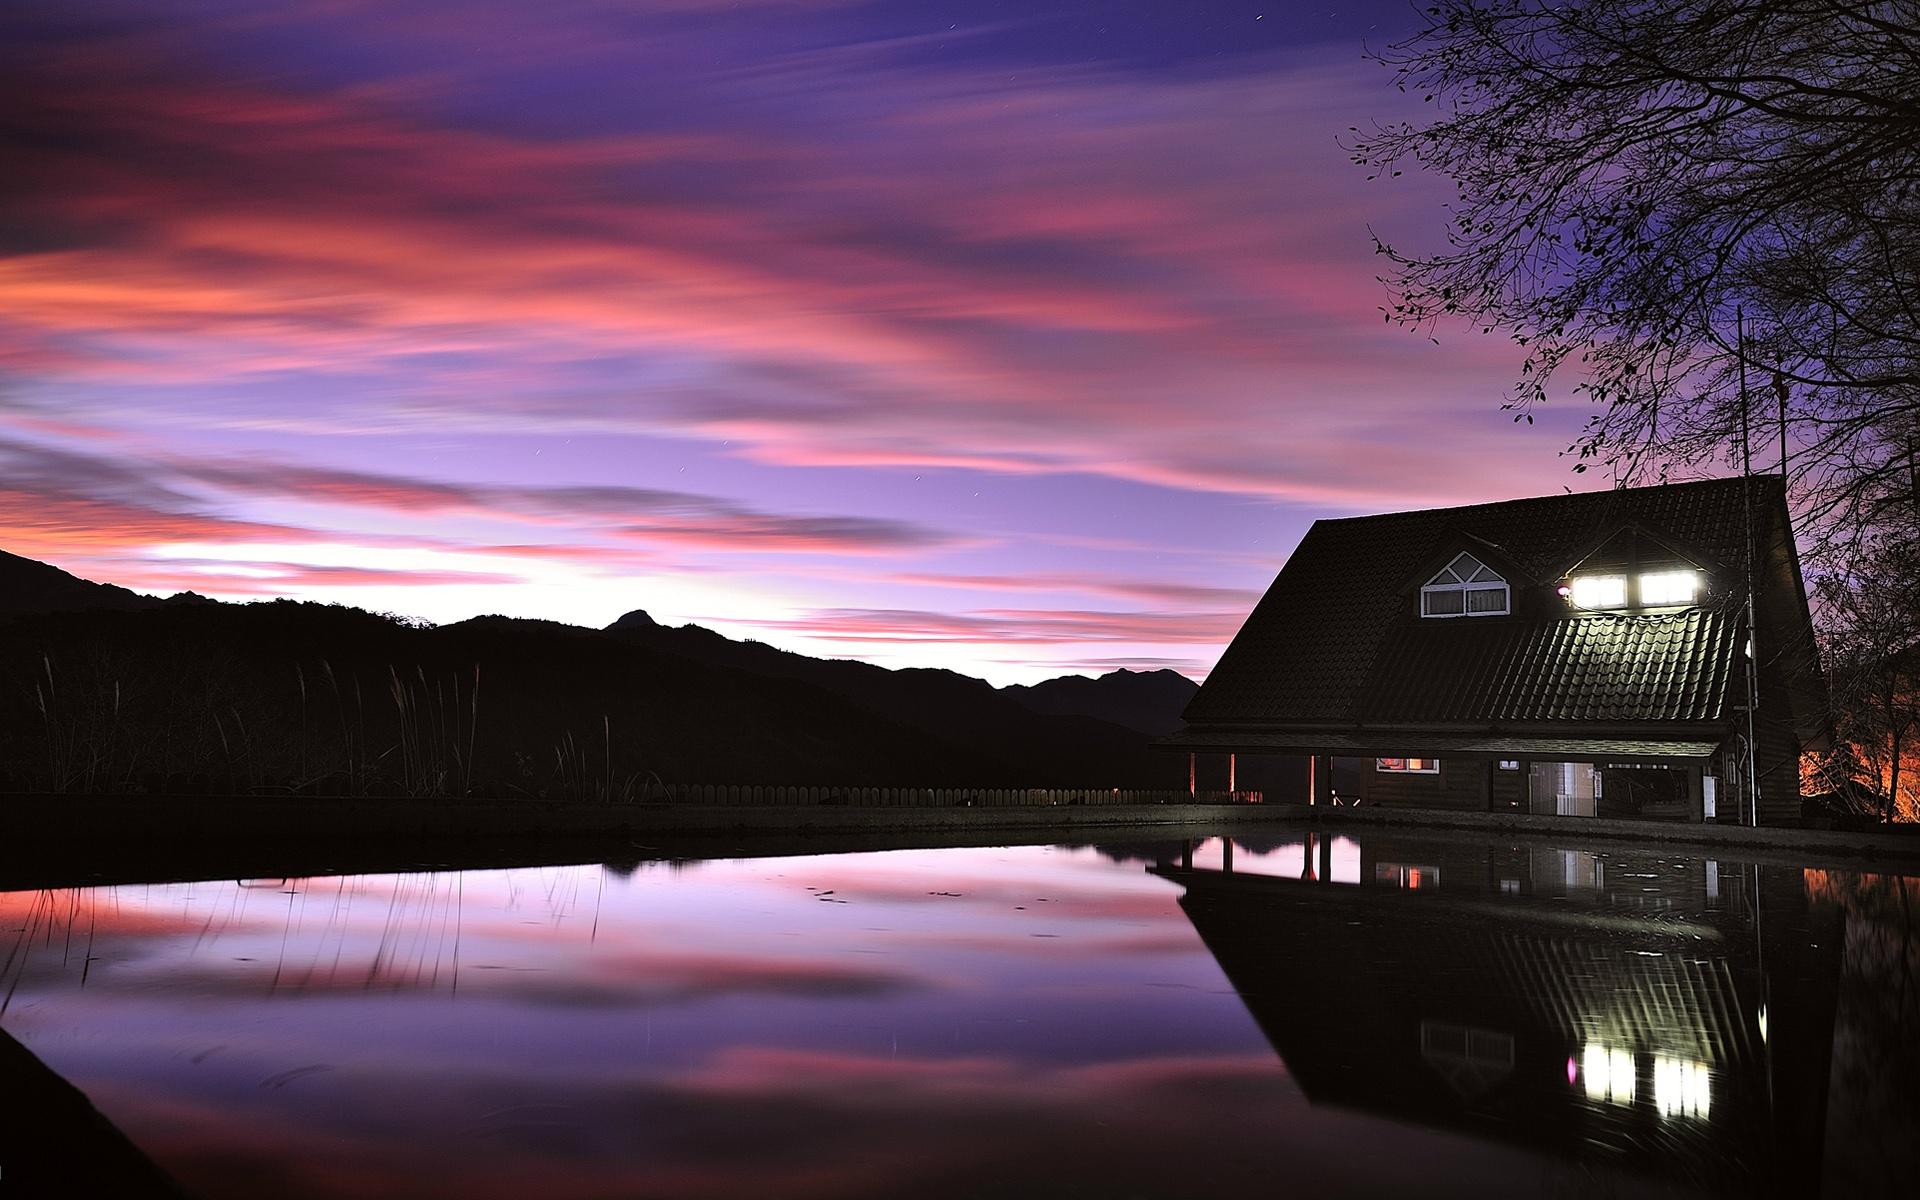 Haus am see wallpaper  Abend Abenddämmerung, Haus, See, Licht, Reflexion ...